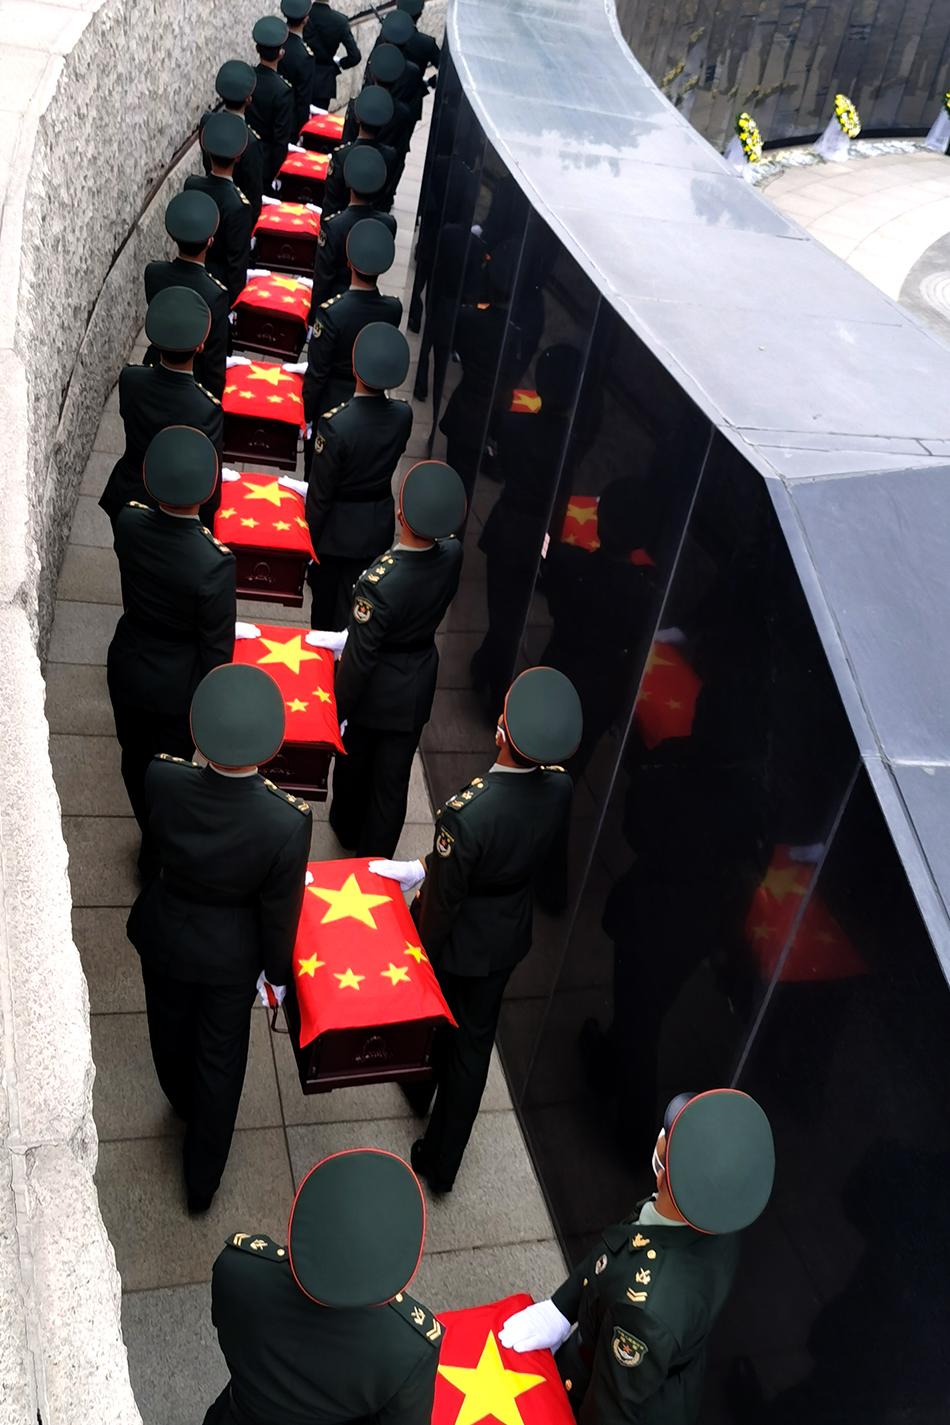 2021年9月3日,禮兵護送志愿軍烈士遺骸棺槨進入安葬地宮(手機照片)。